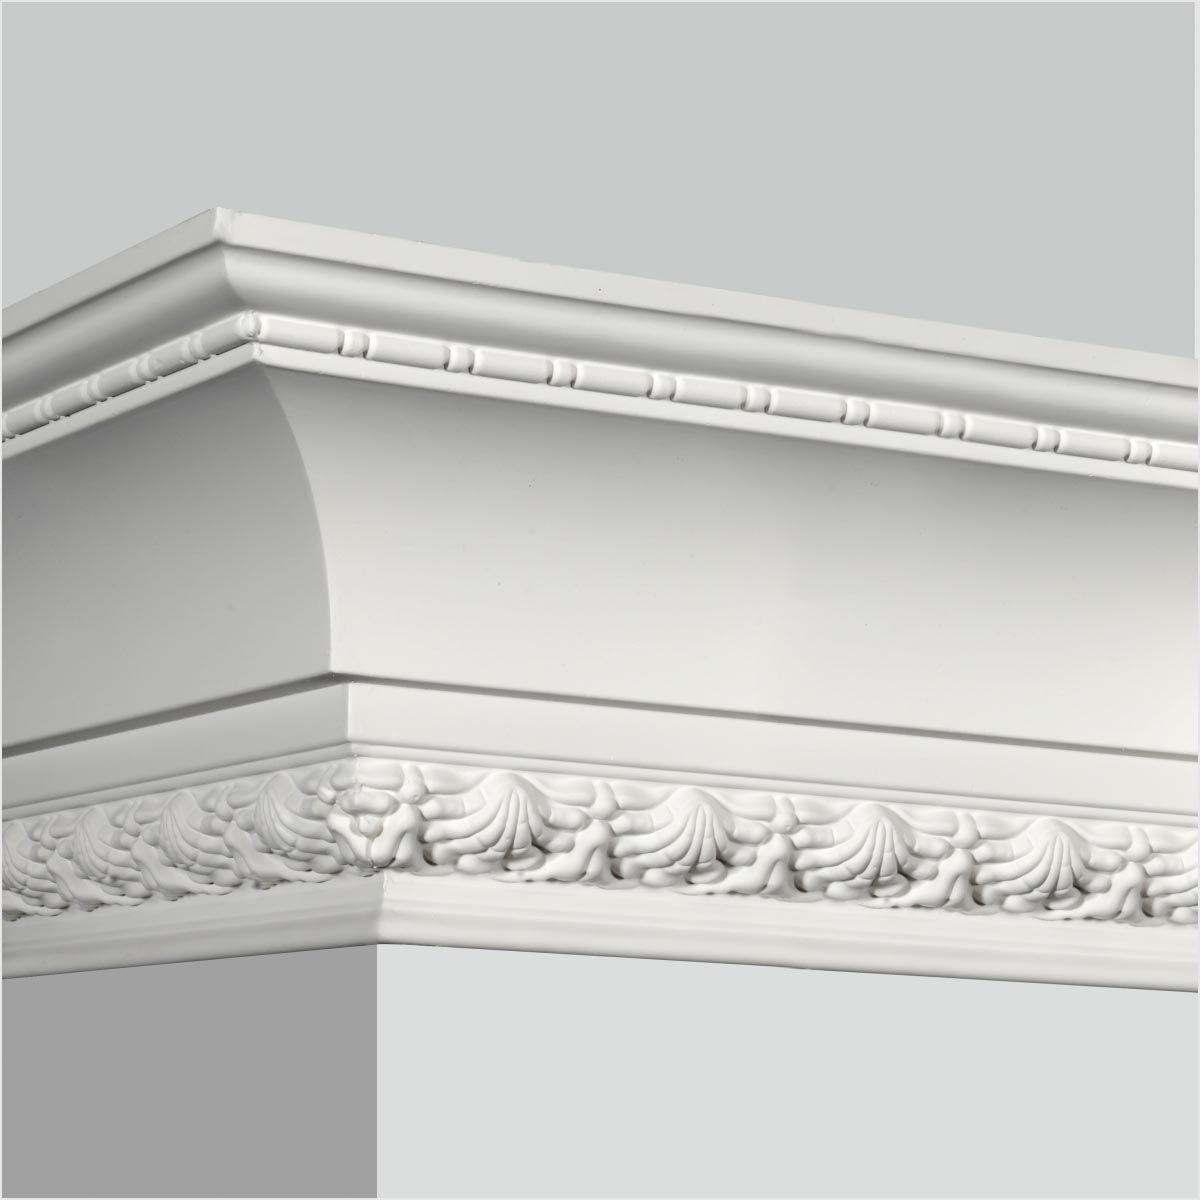 custom crown molding polyurethane ceiling decorative molding - Decorative Molding